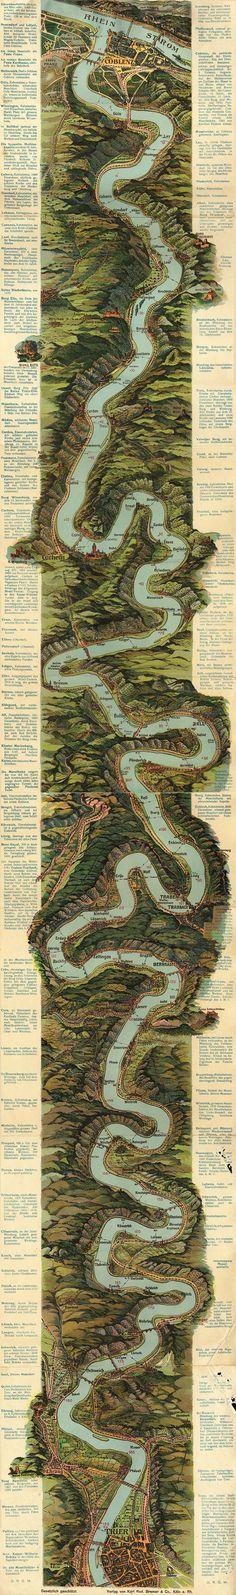 El río Mosela, Alemania, alrededor de 1930